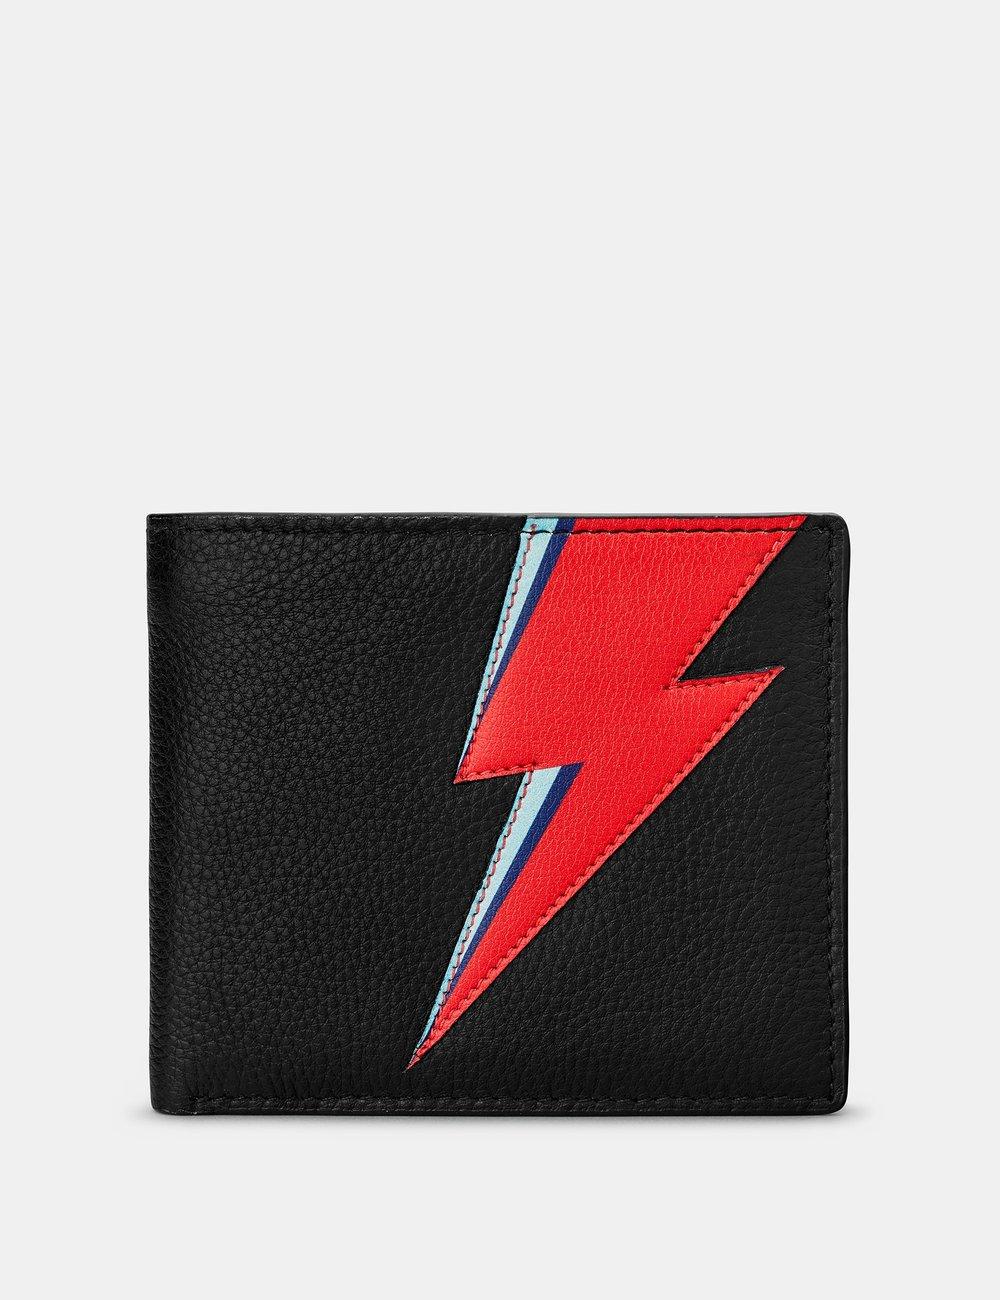 Lightning Bolt black leather Wallet